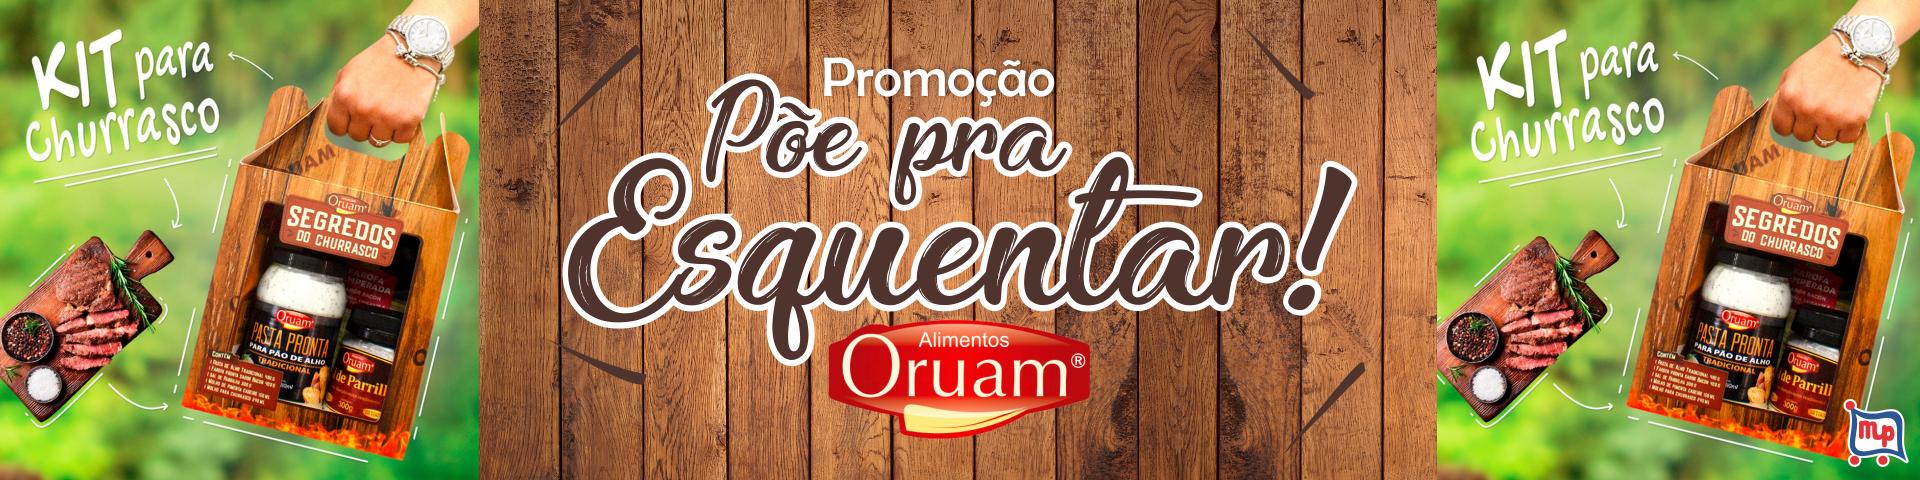 Promoção Oruam - Põe para Esquentar!